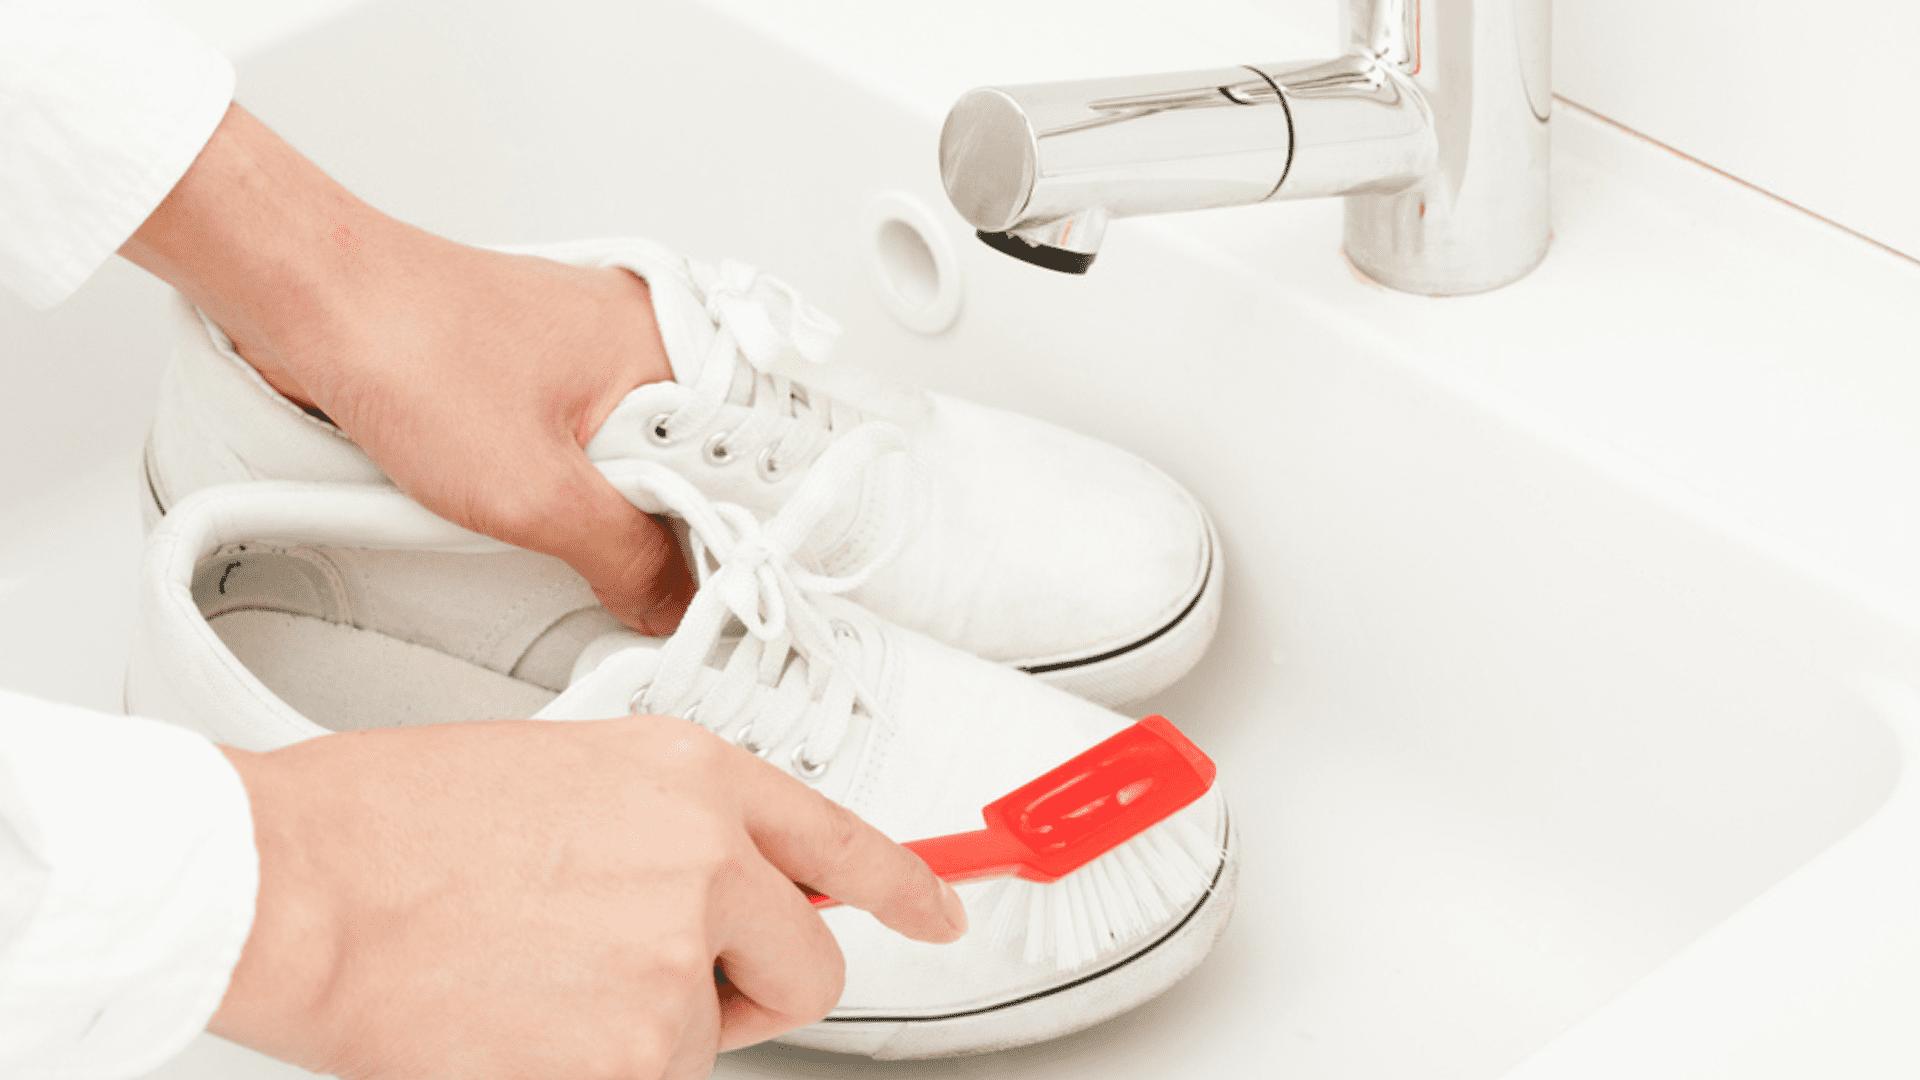 Você pode limpar o seu tênis branco com pasta de dente (Imagem: Divulgação/Shutterstock)